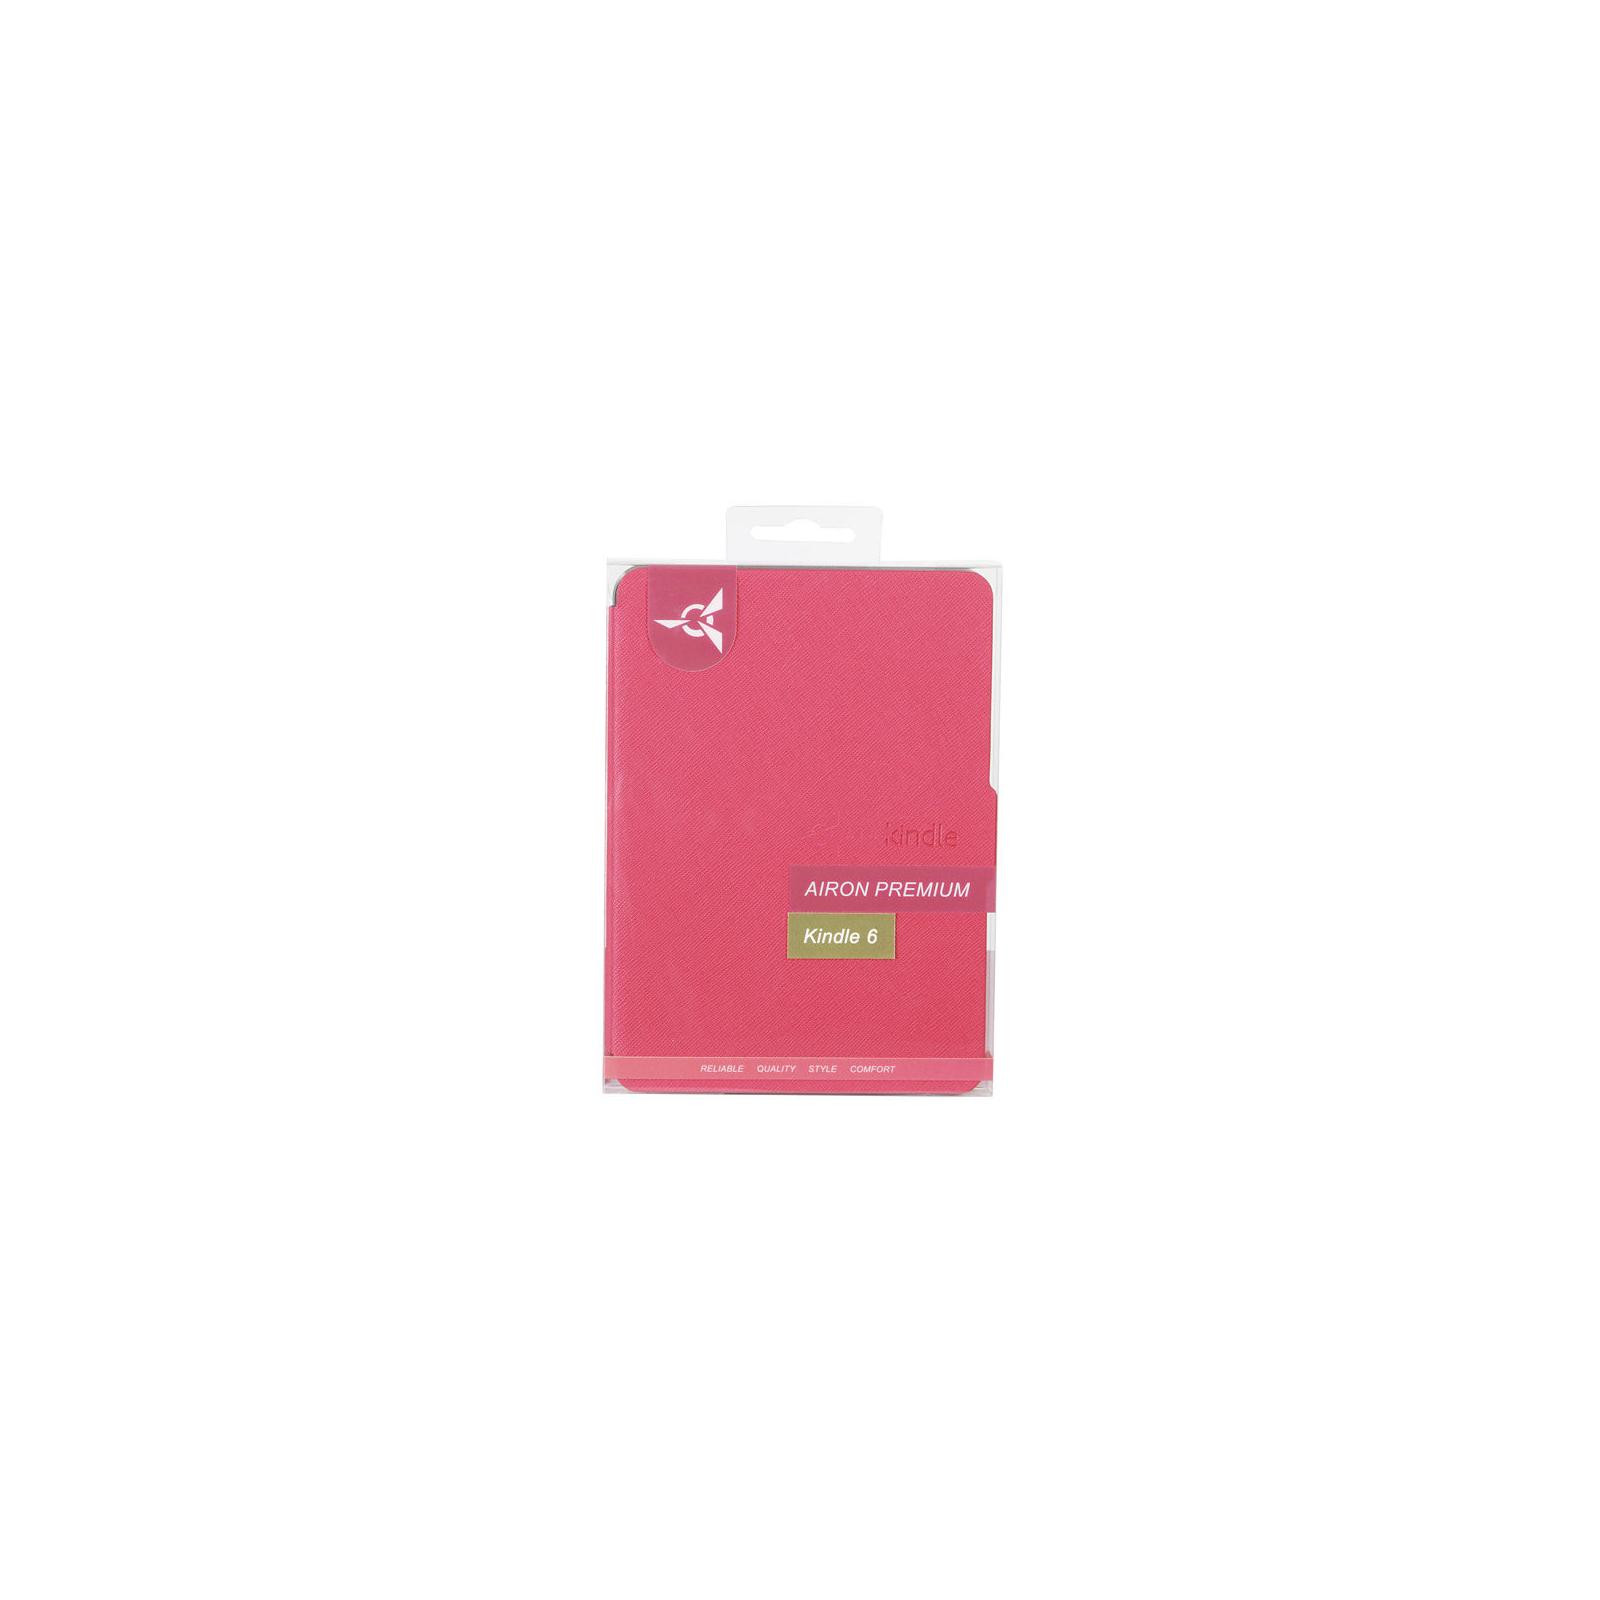 Чехол для электронной книги AirOn для Amazon Kindle 6 red (4822356754499) изображение 6